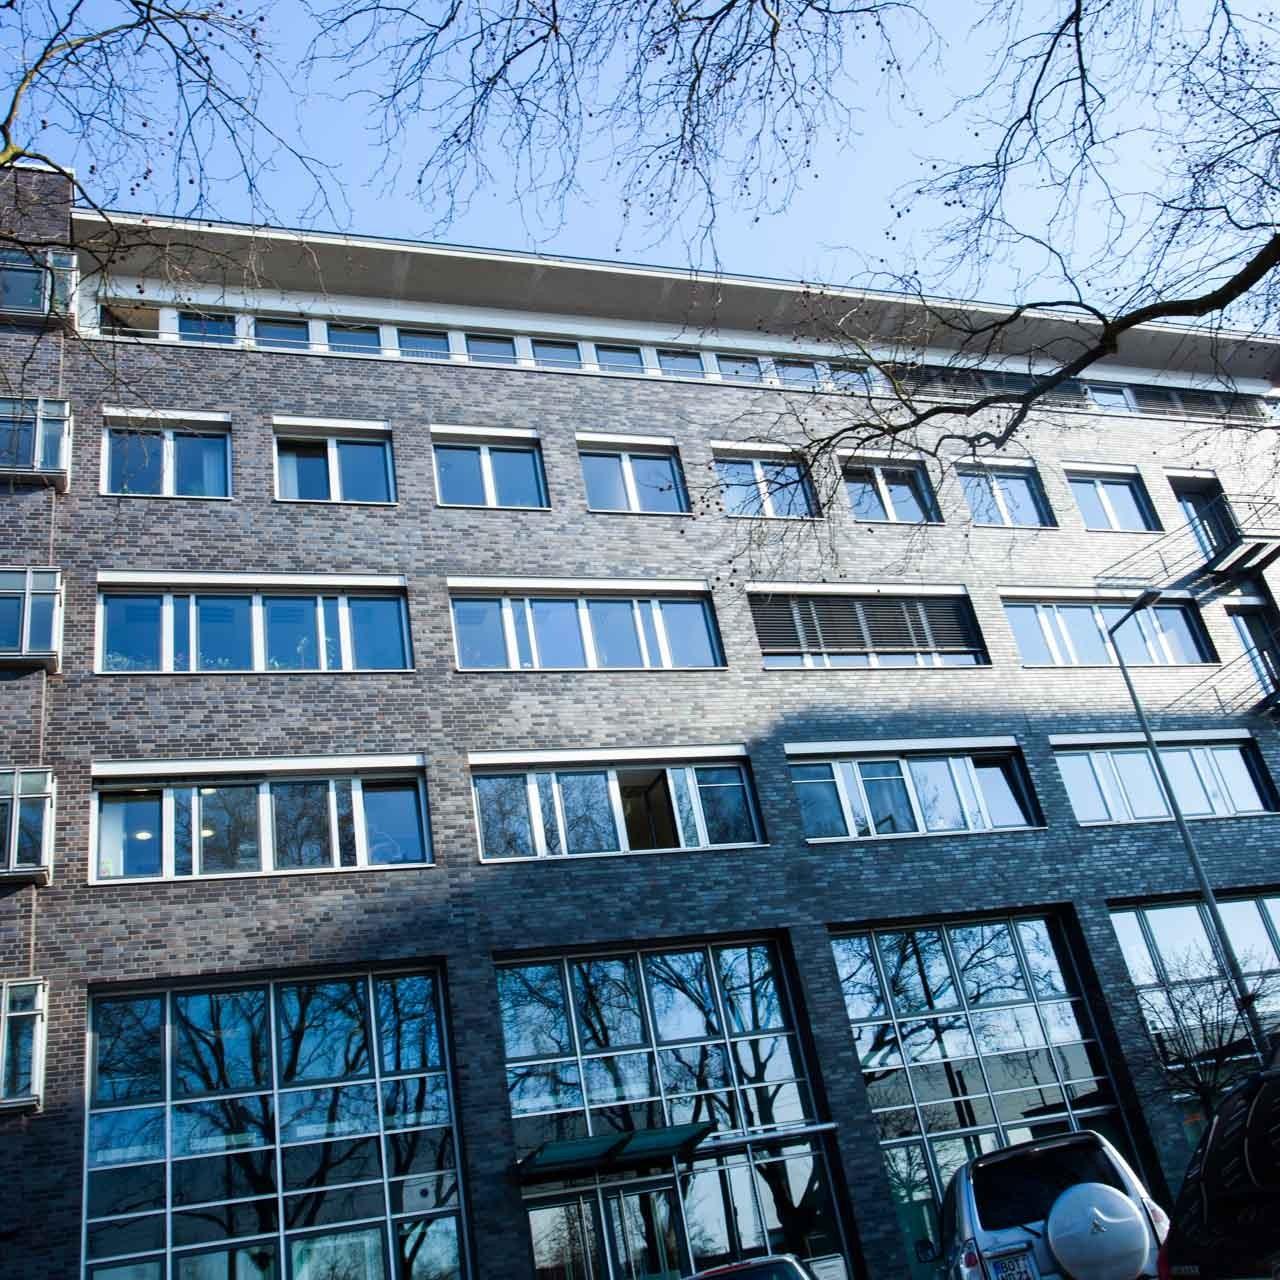 Arzt Oberhausen, MKG Rhein-Ruhr, Dr. Dr. Thomas Betz, MKG Rheinruhr, Mundchirurgie, Gesichtschirurgie, Kieferchirurgie, Oberhausen